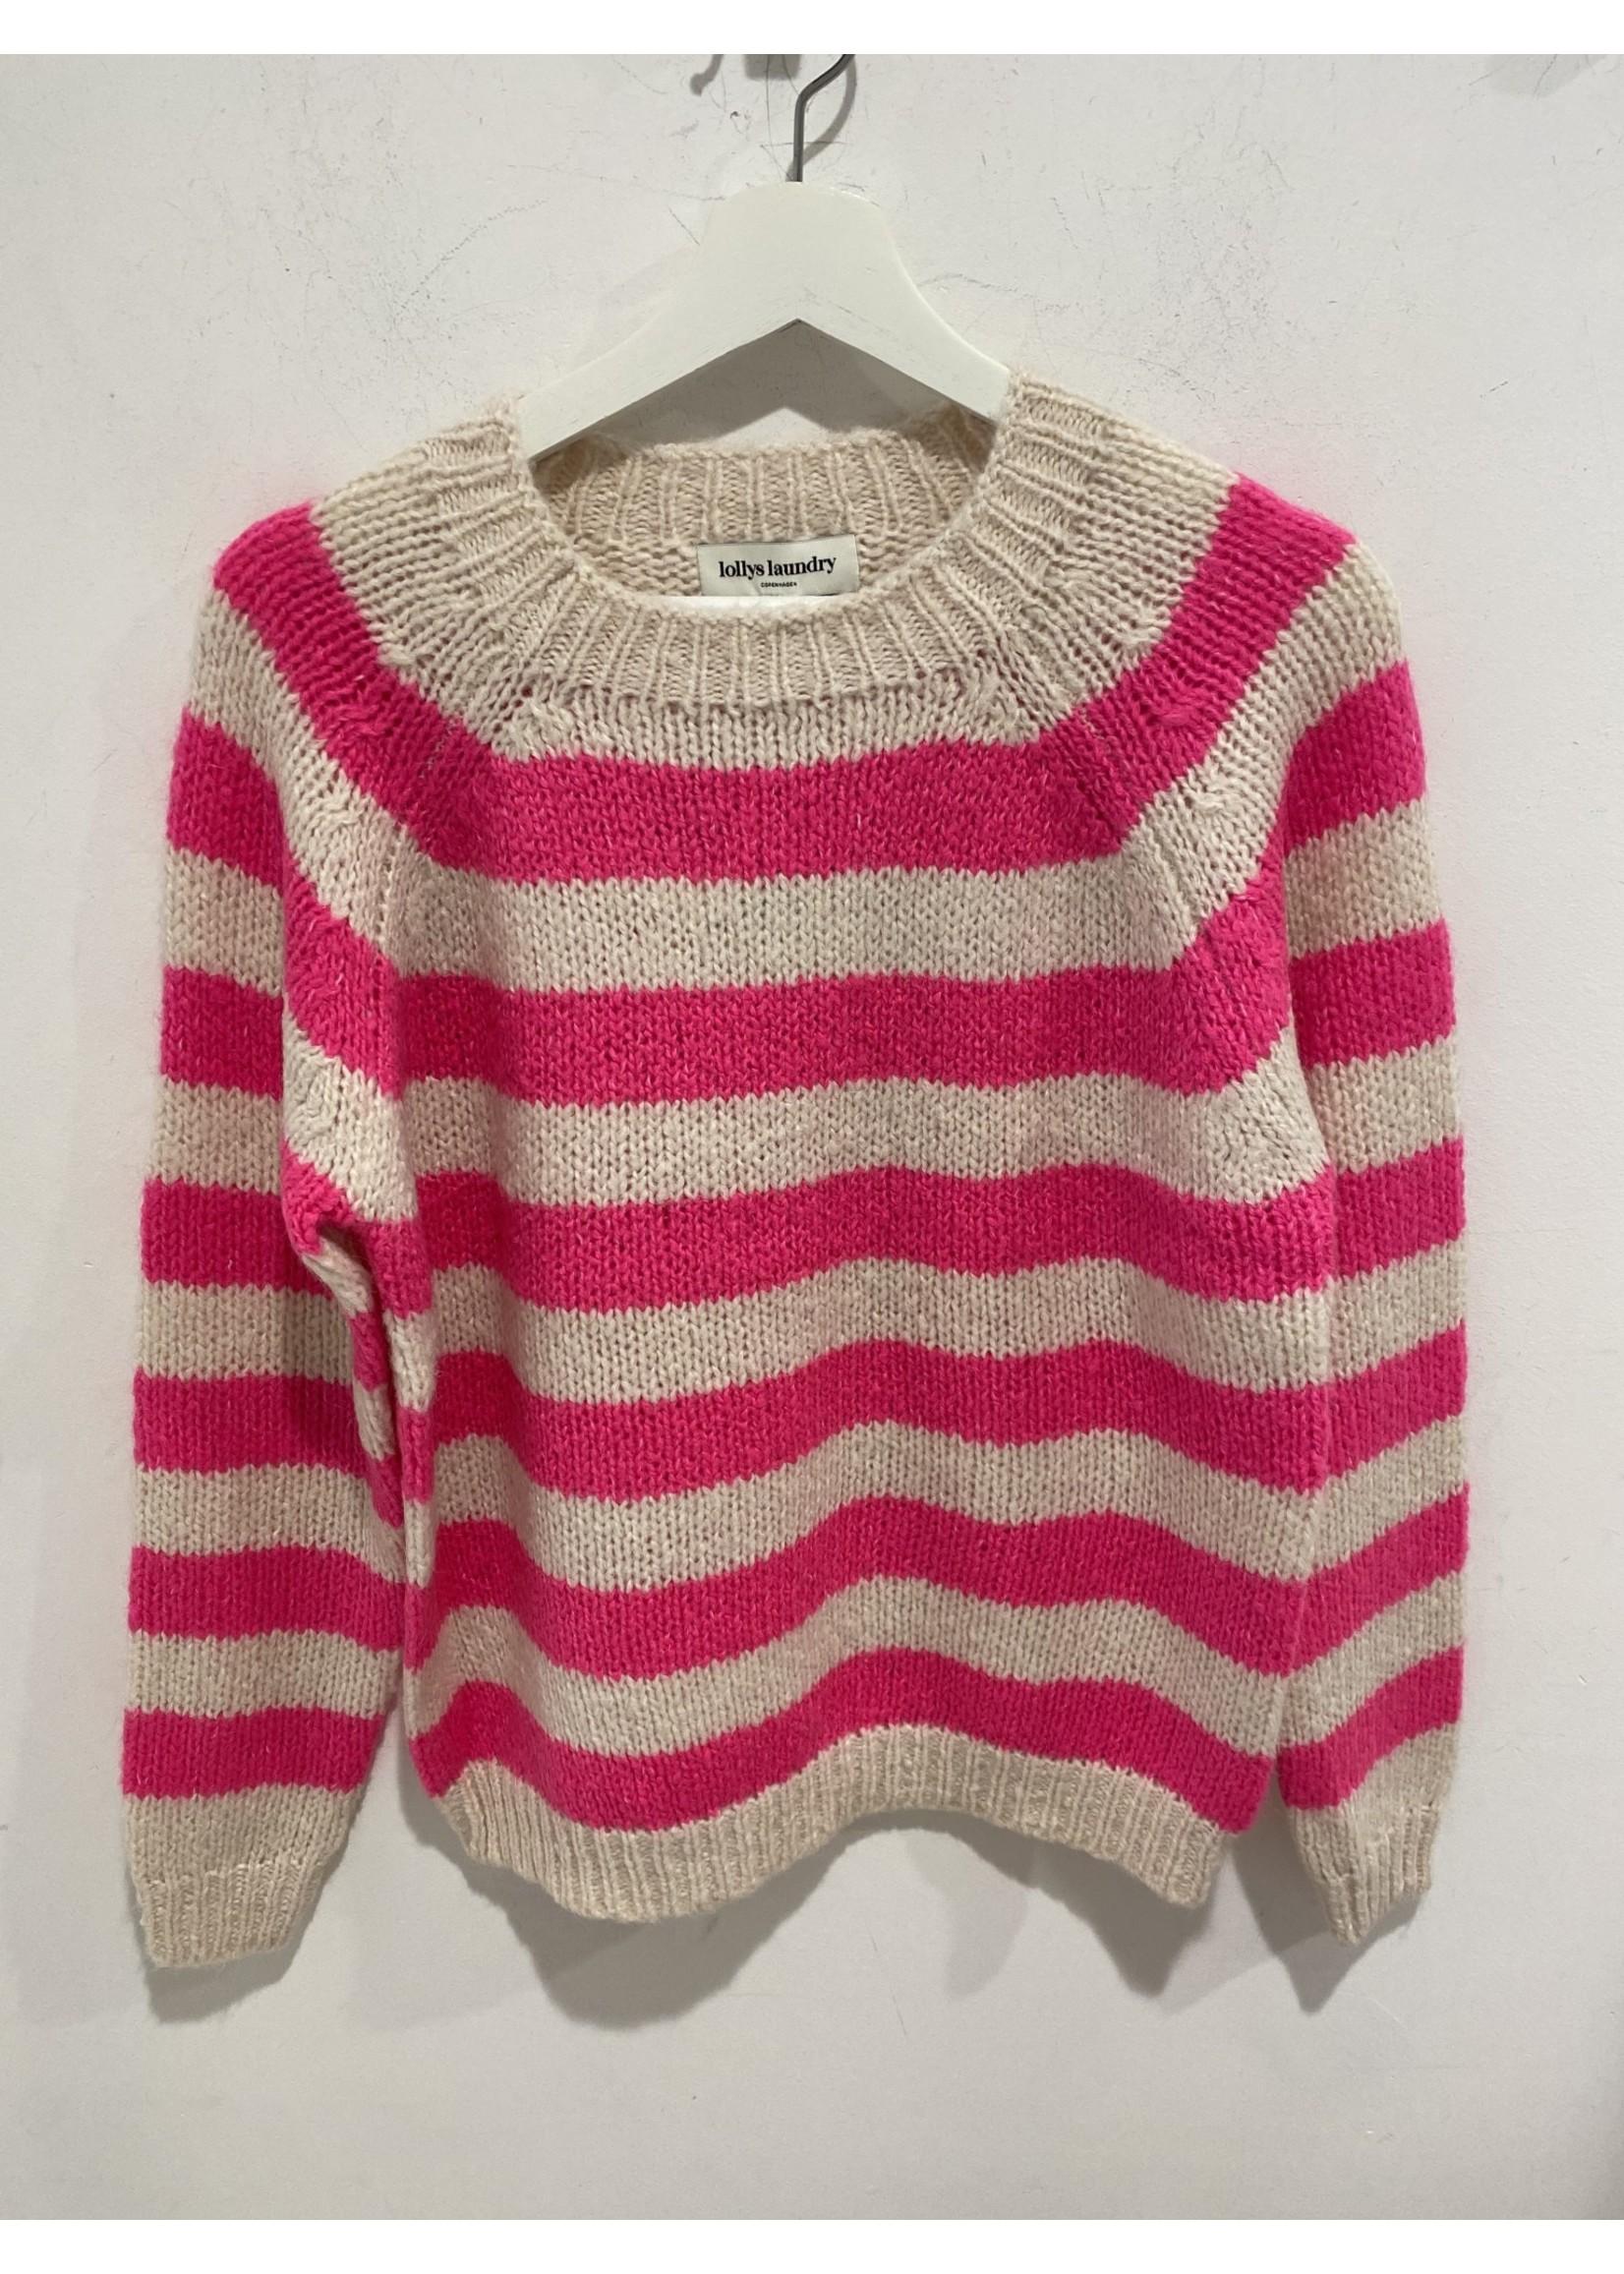 LL-21405-6005 LL98 Jobel JumperNeon Pink